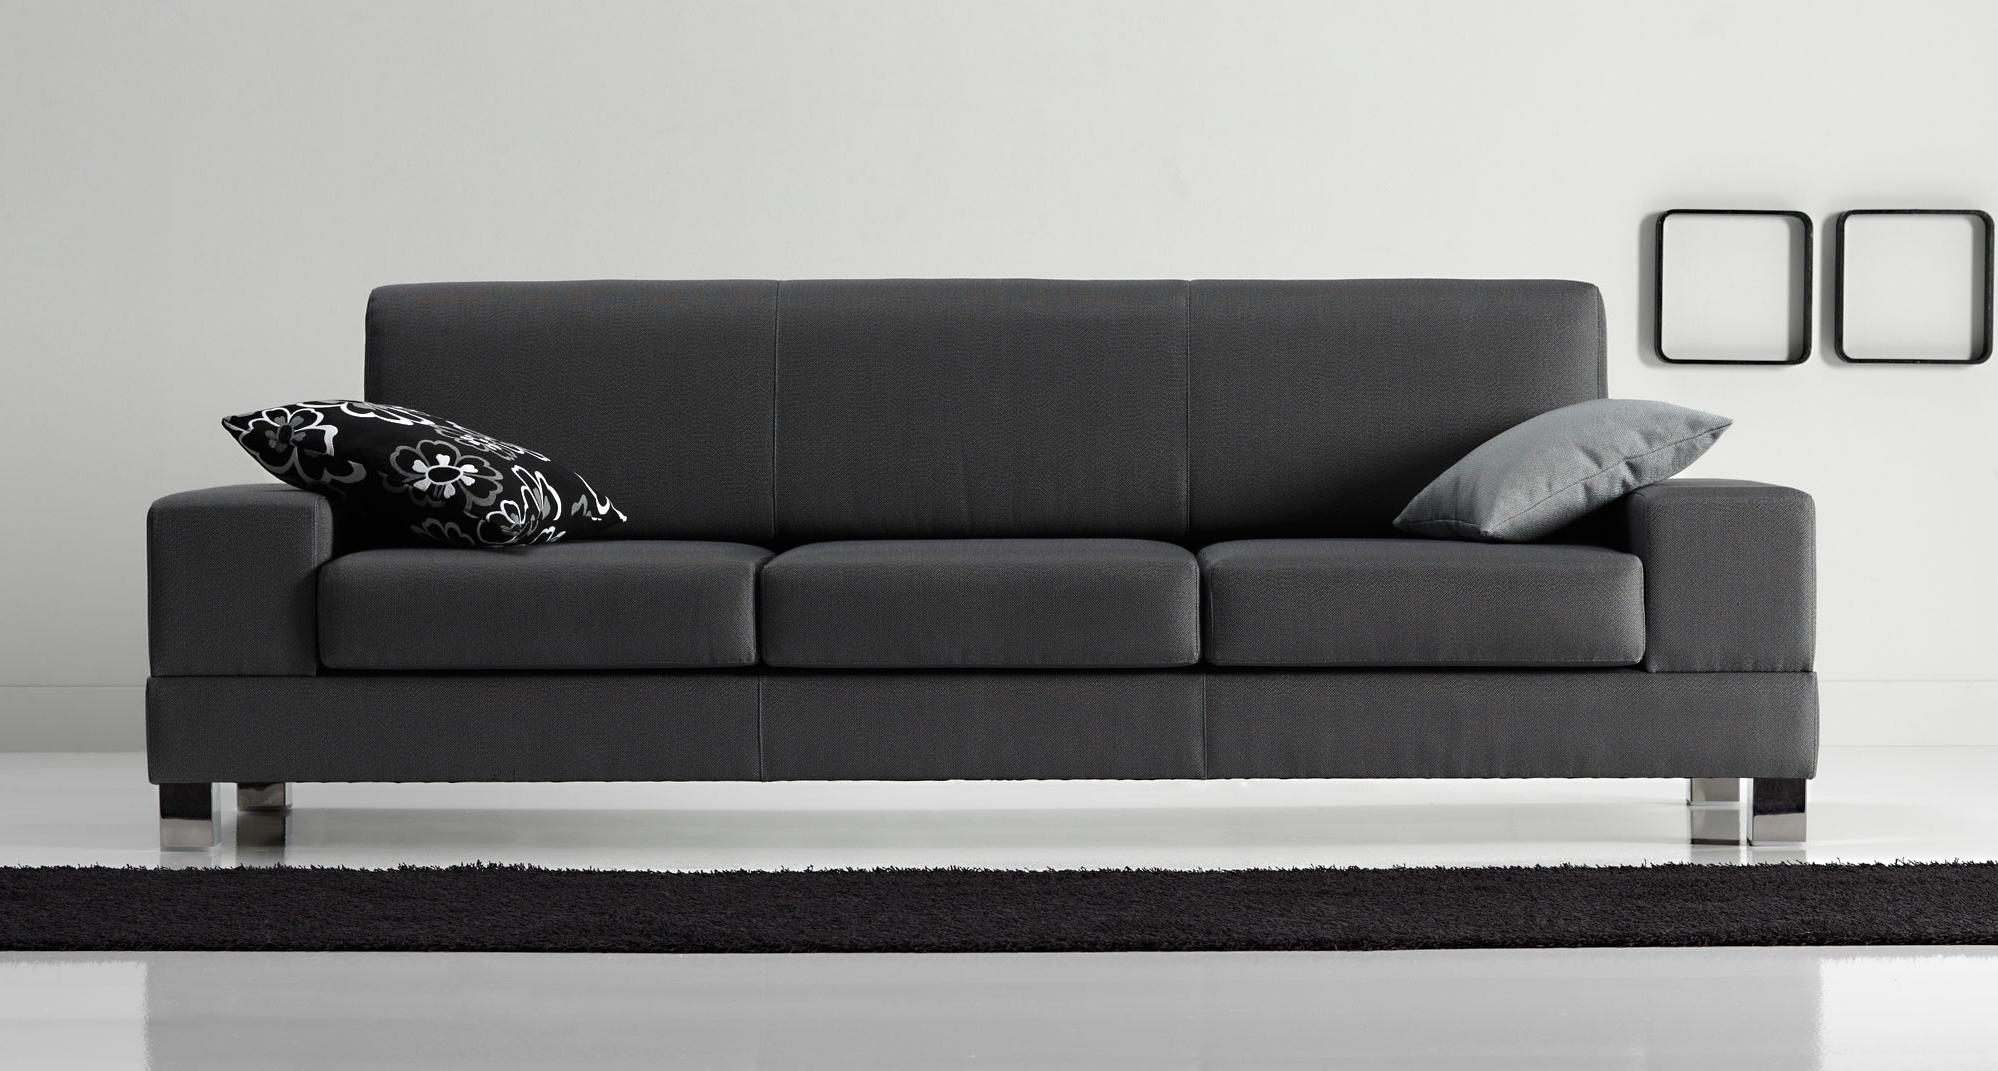 Sofa Moderno 9ddf sofà Moderno Exavu En Portobellostreet